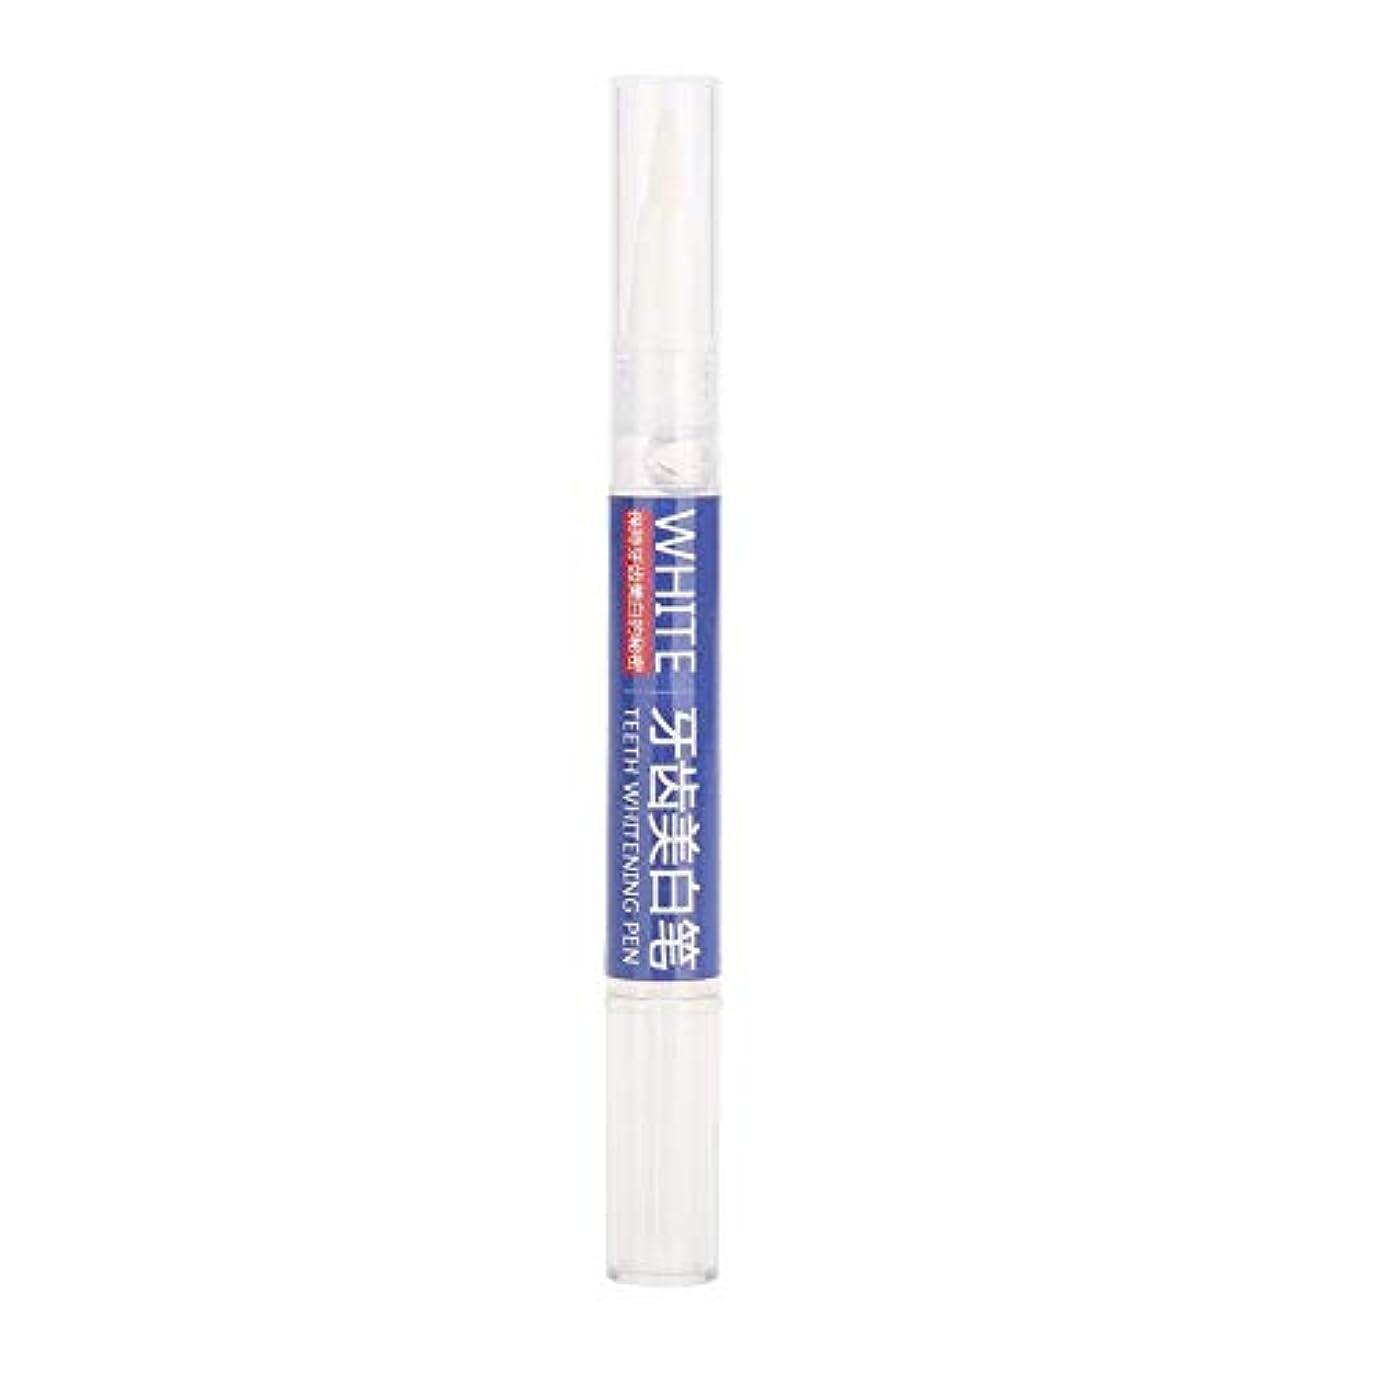 適応記憶アトムホワイトニングトゥースペン3mlイエロートゥースシガレット汚れ除去ホワイトニングホワイトニングトゥースジェルペン